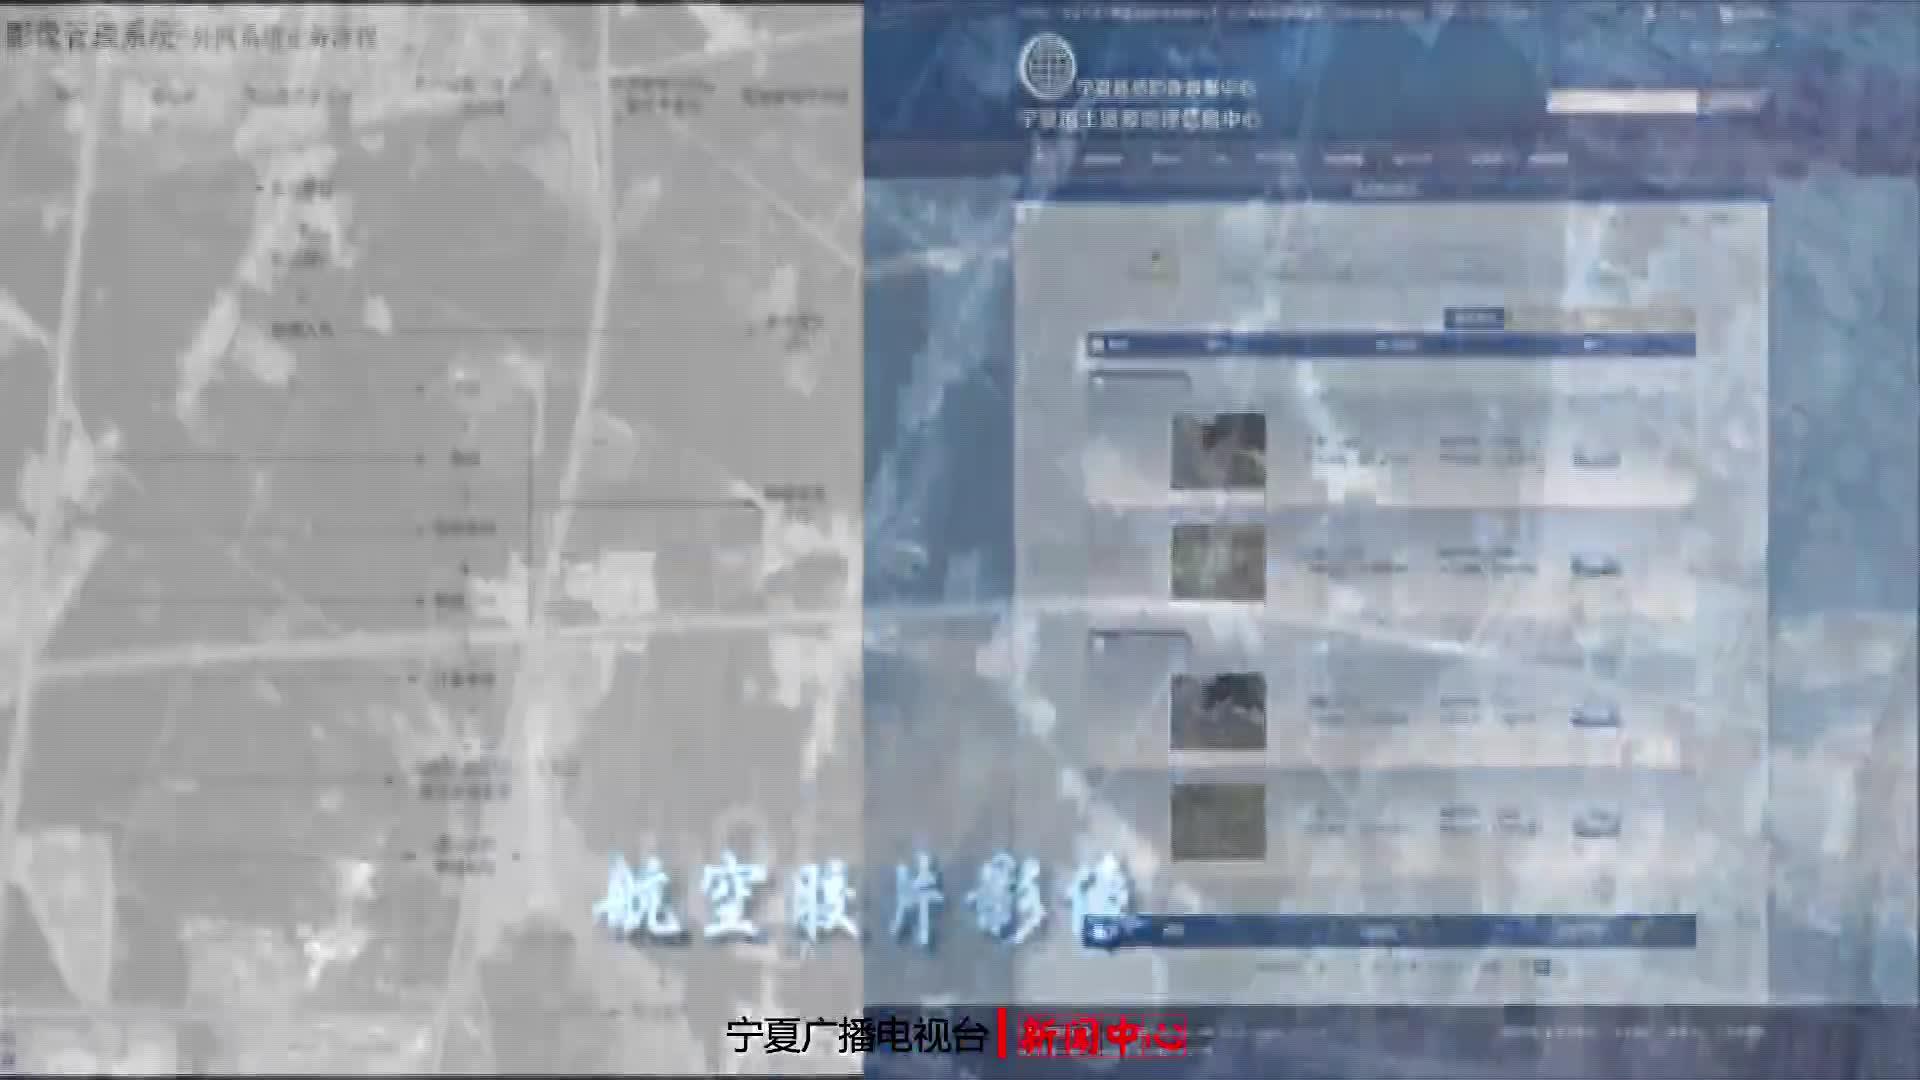 宁夏有个超大容量遥感影像数据中心